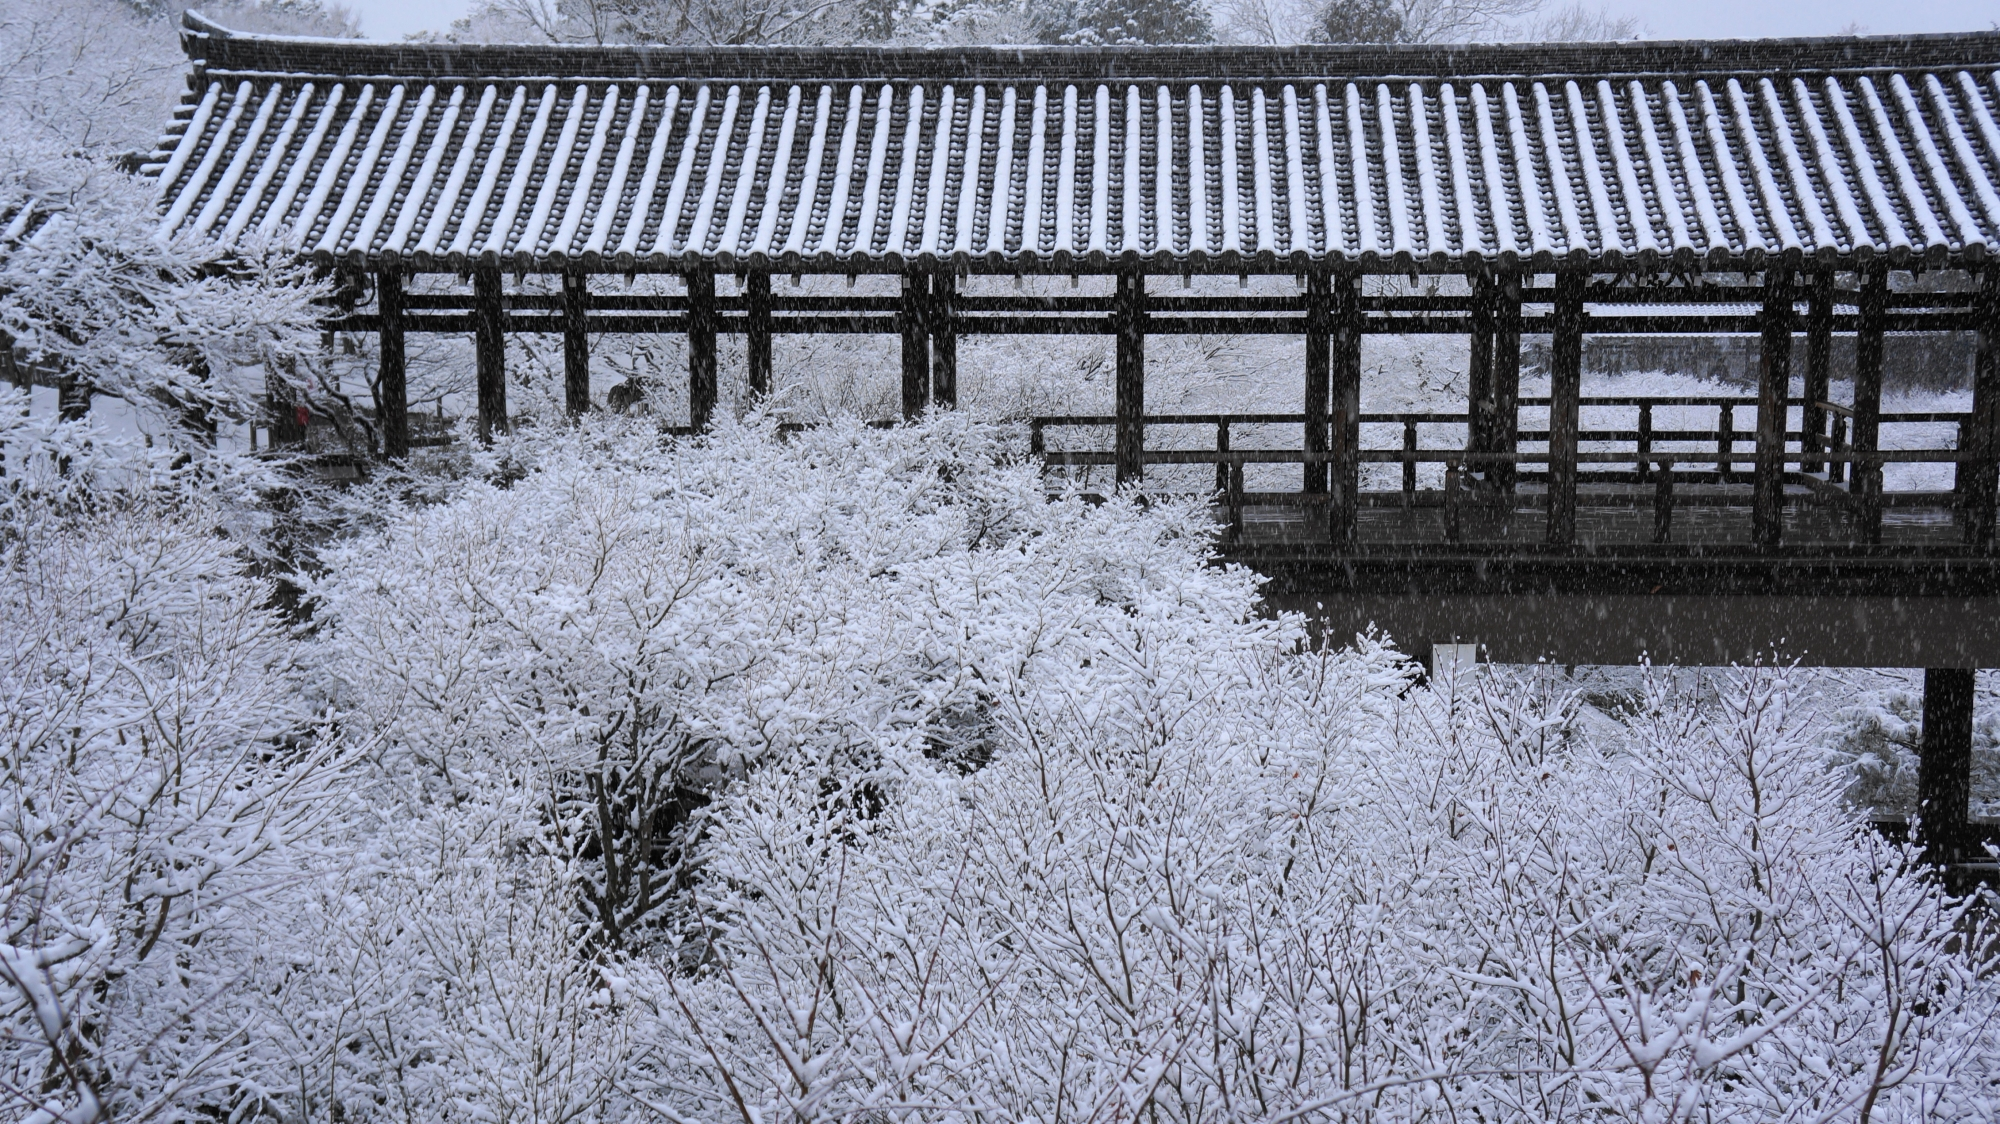 雪の通天橋と芸術的な雪のもみじ